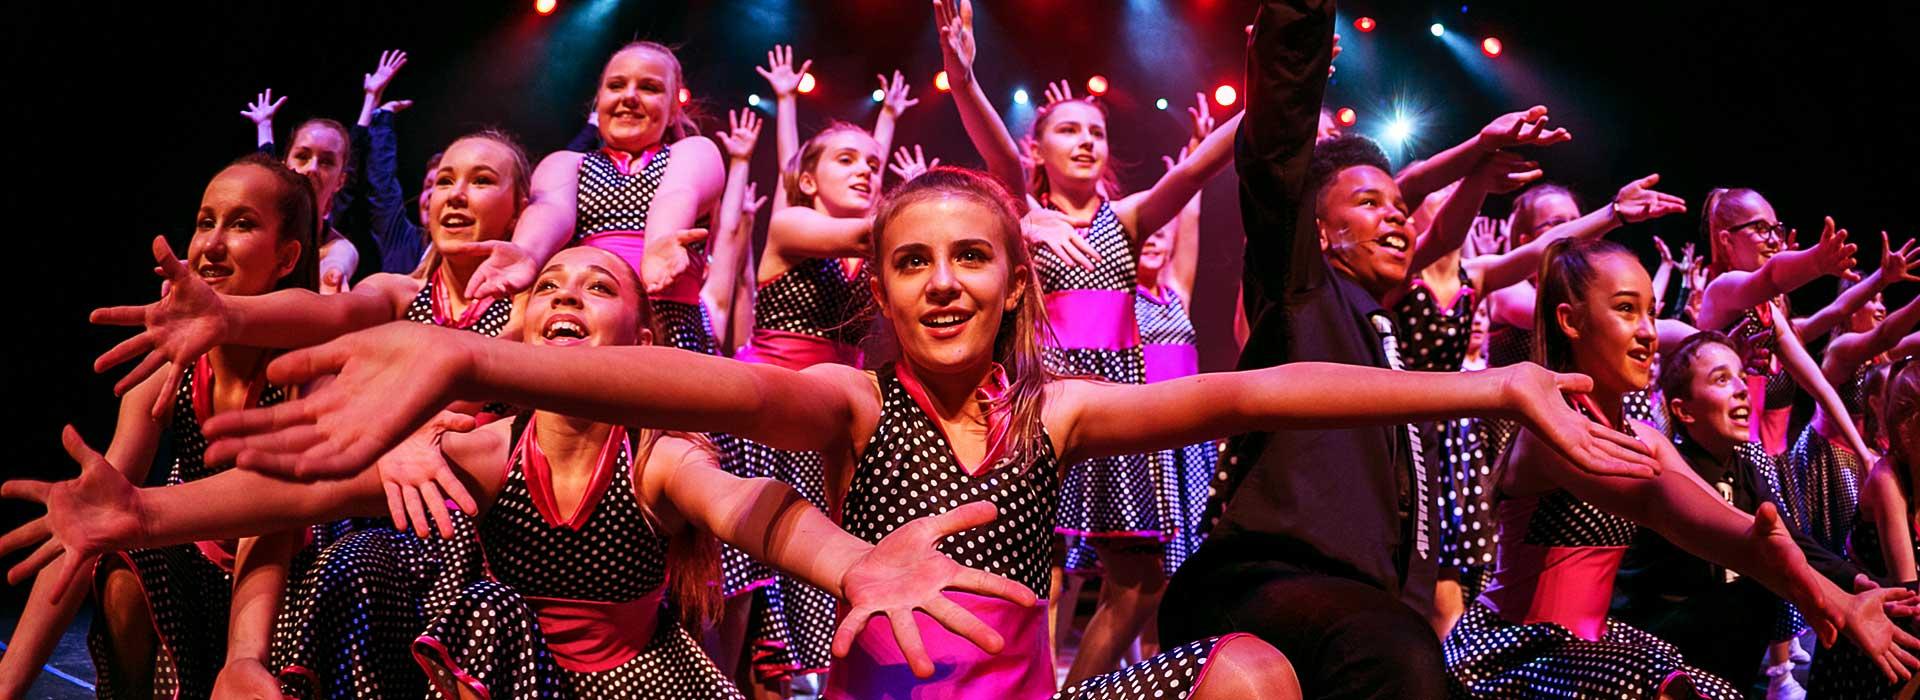 Leah-Moran---Stage-schools-in-Kildare